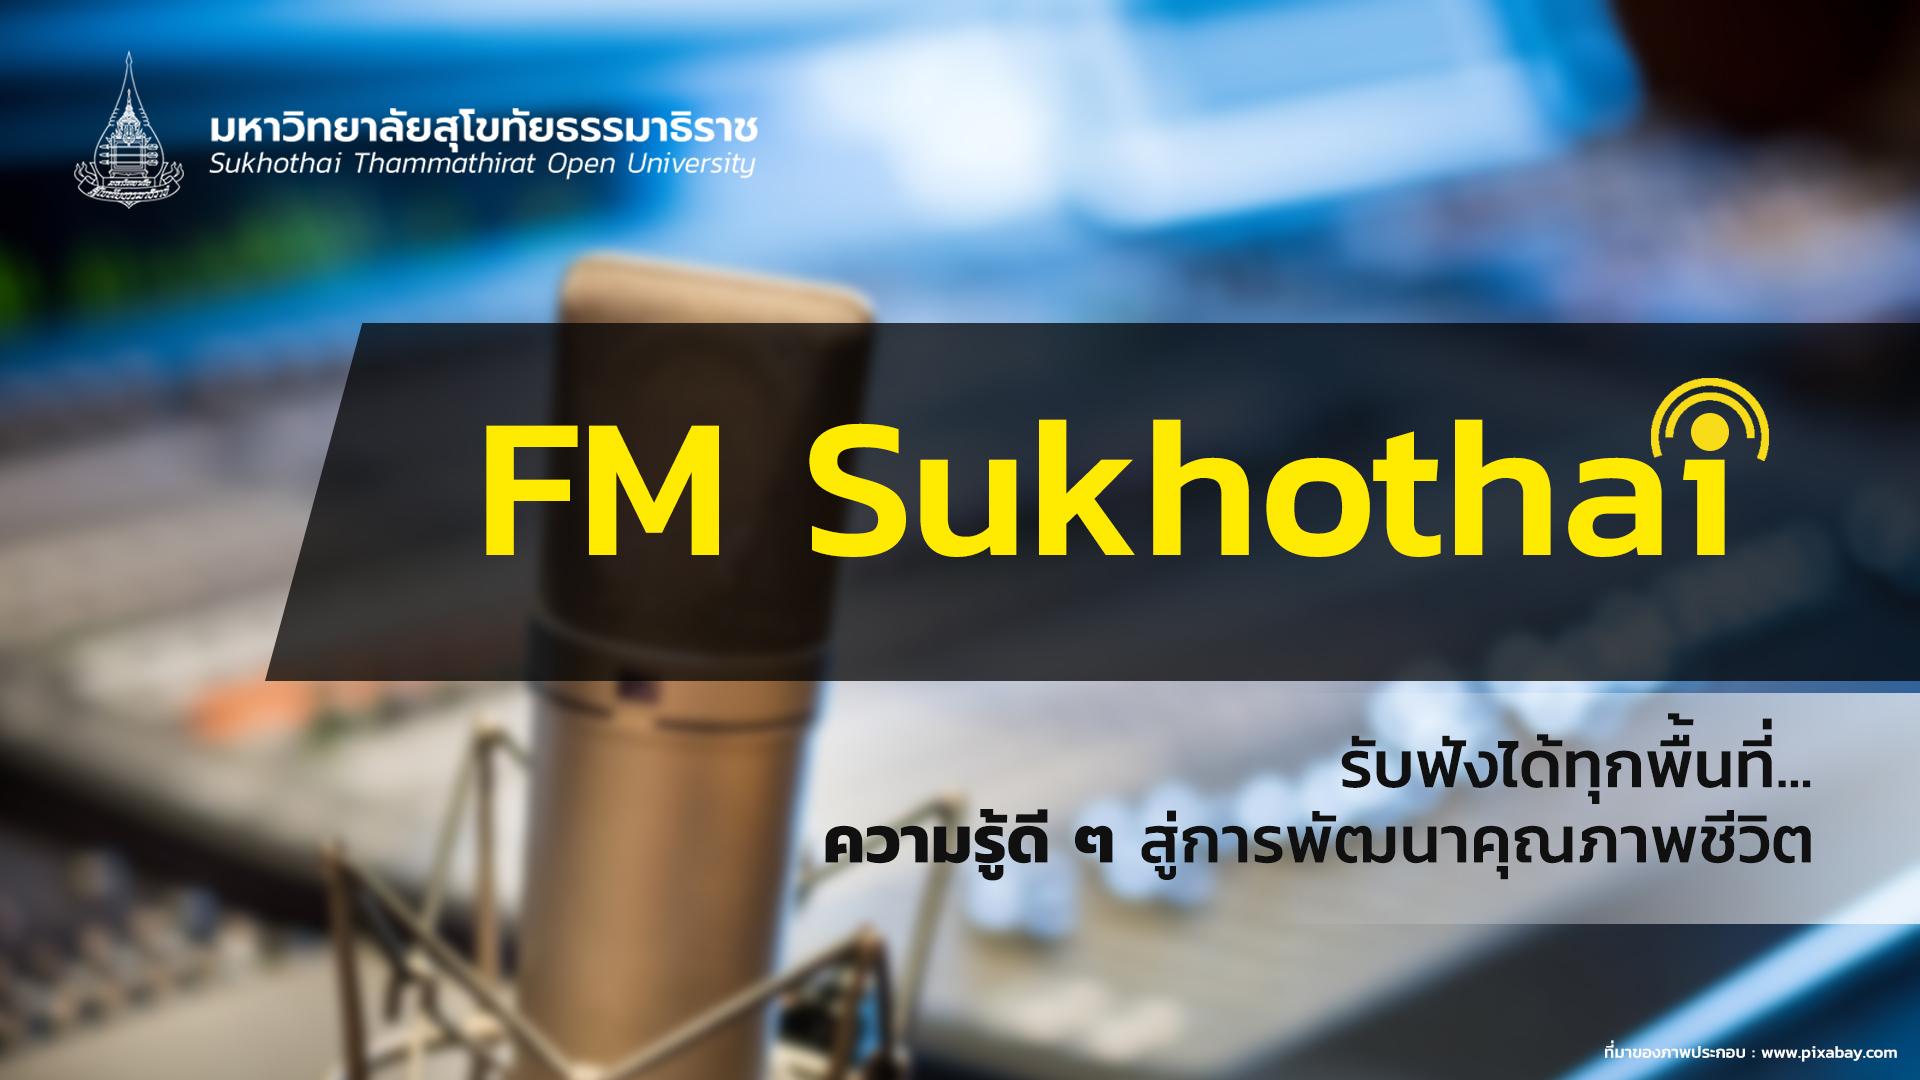 21323 การสอนกลุ่มทักษะ 1: ภาษาไทย รายการที่ 8